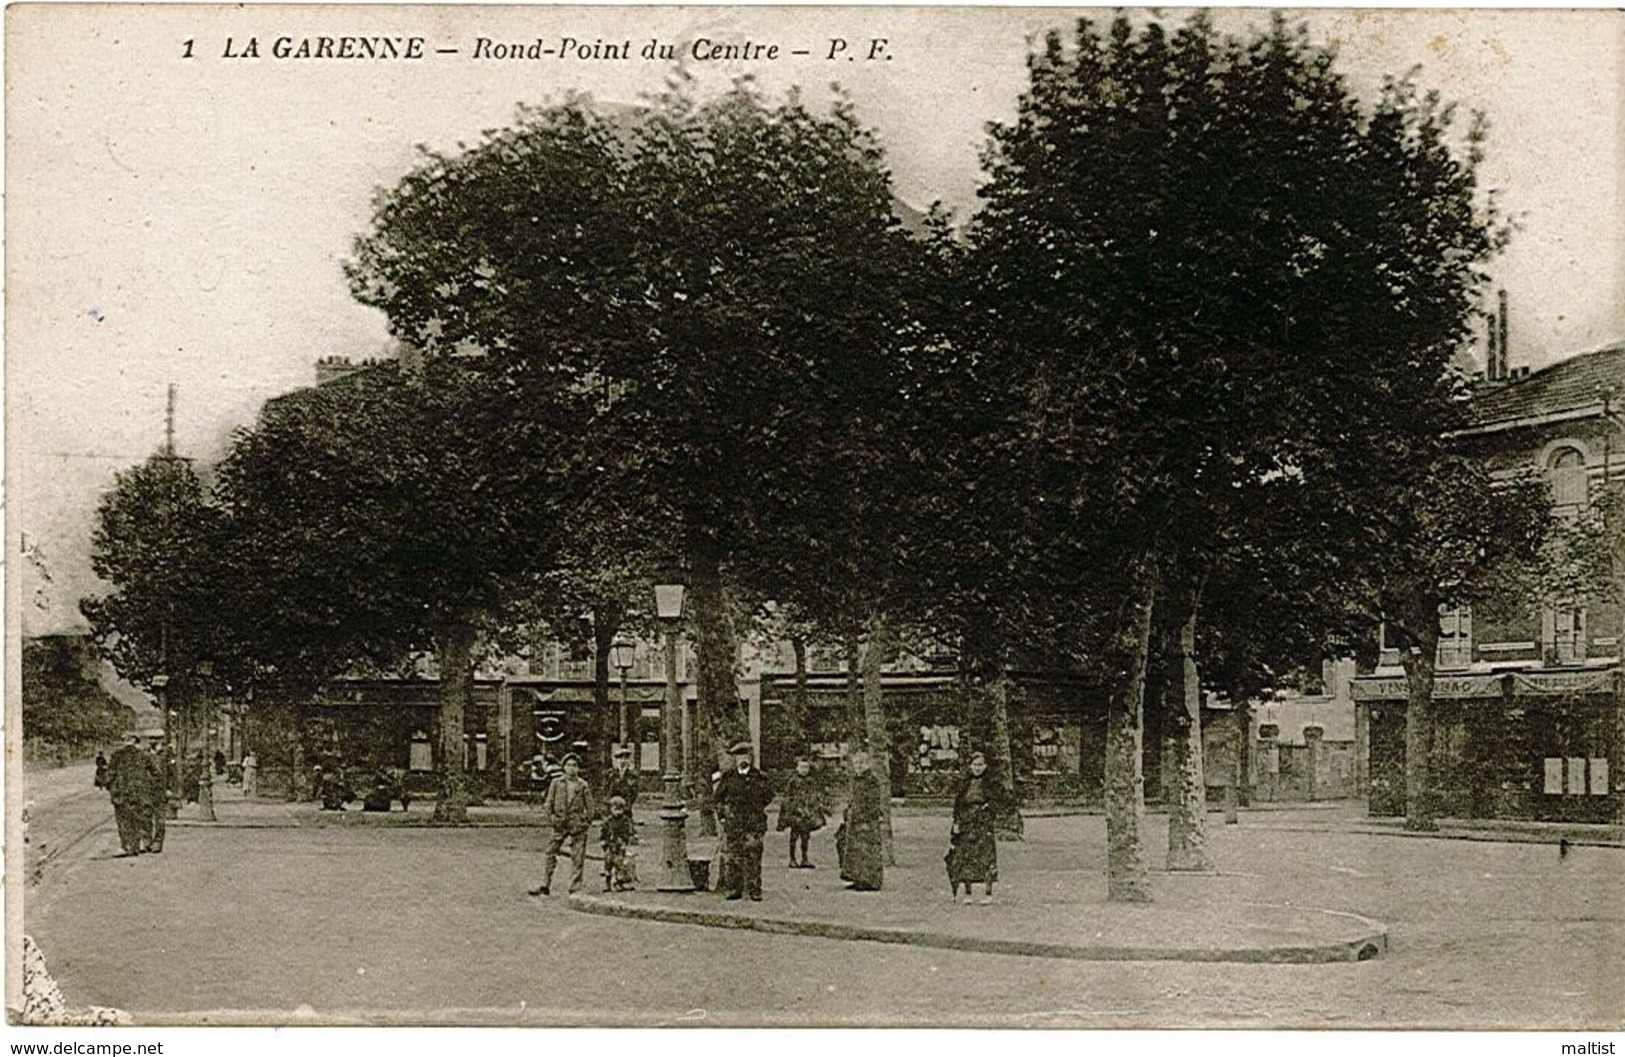 La Garenne Colombes - PF 1 - Rond Point Du Centre - La Garenne Colombes